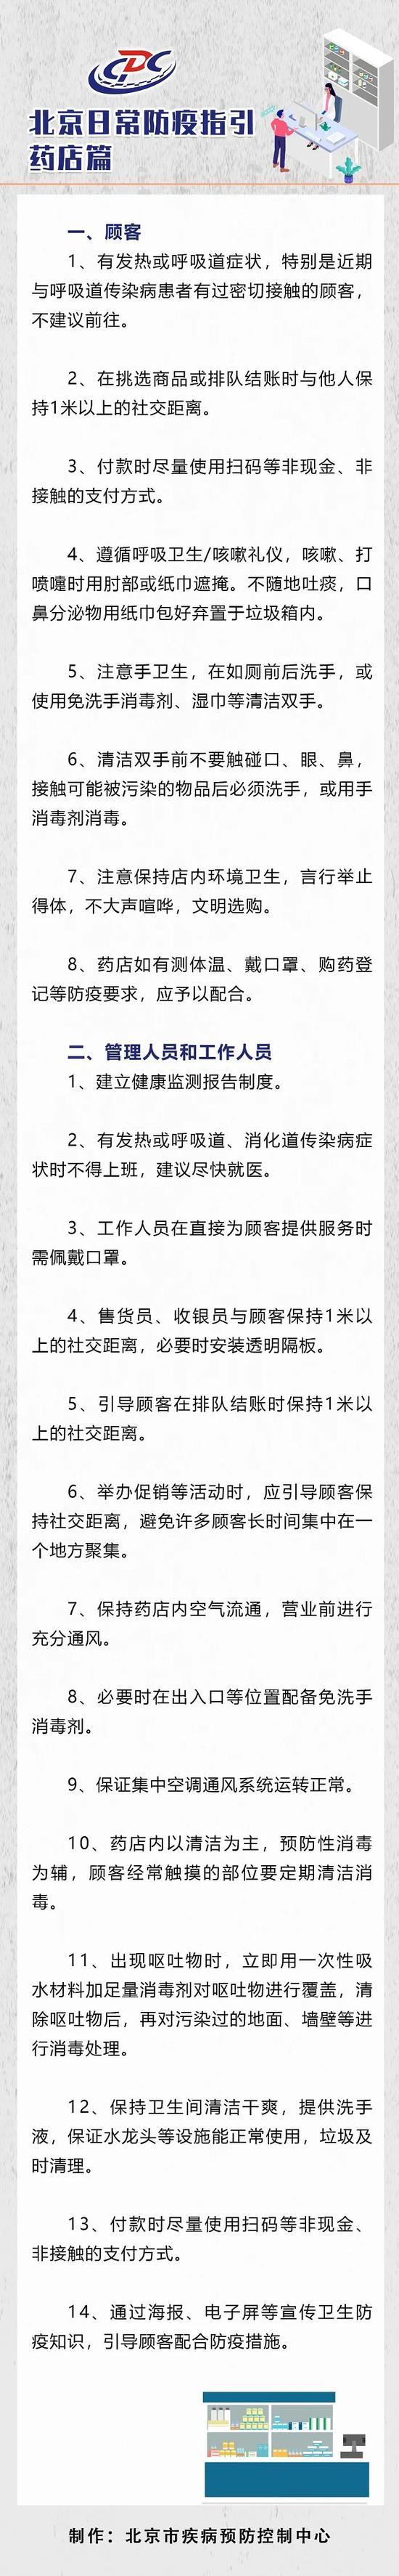 北京疾控:药店员工有发热或呼吸道、消化道传染病症状时不得上班图片